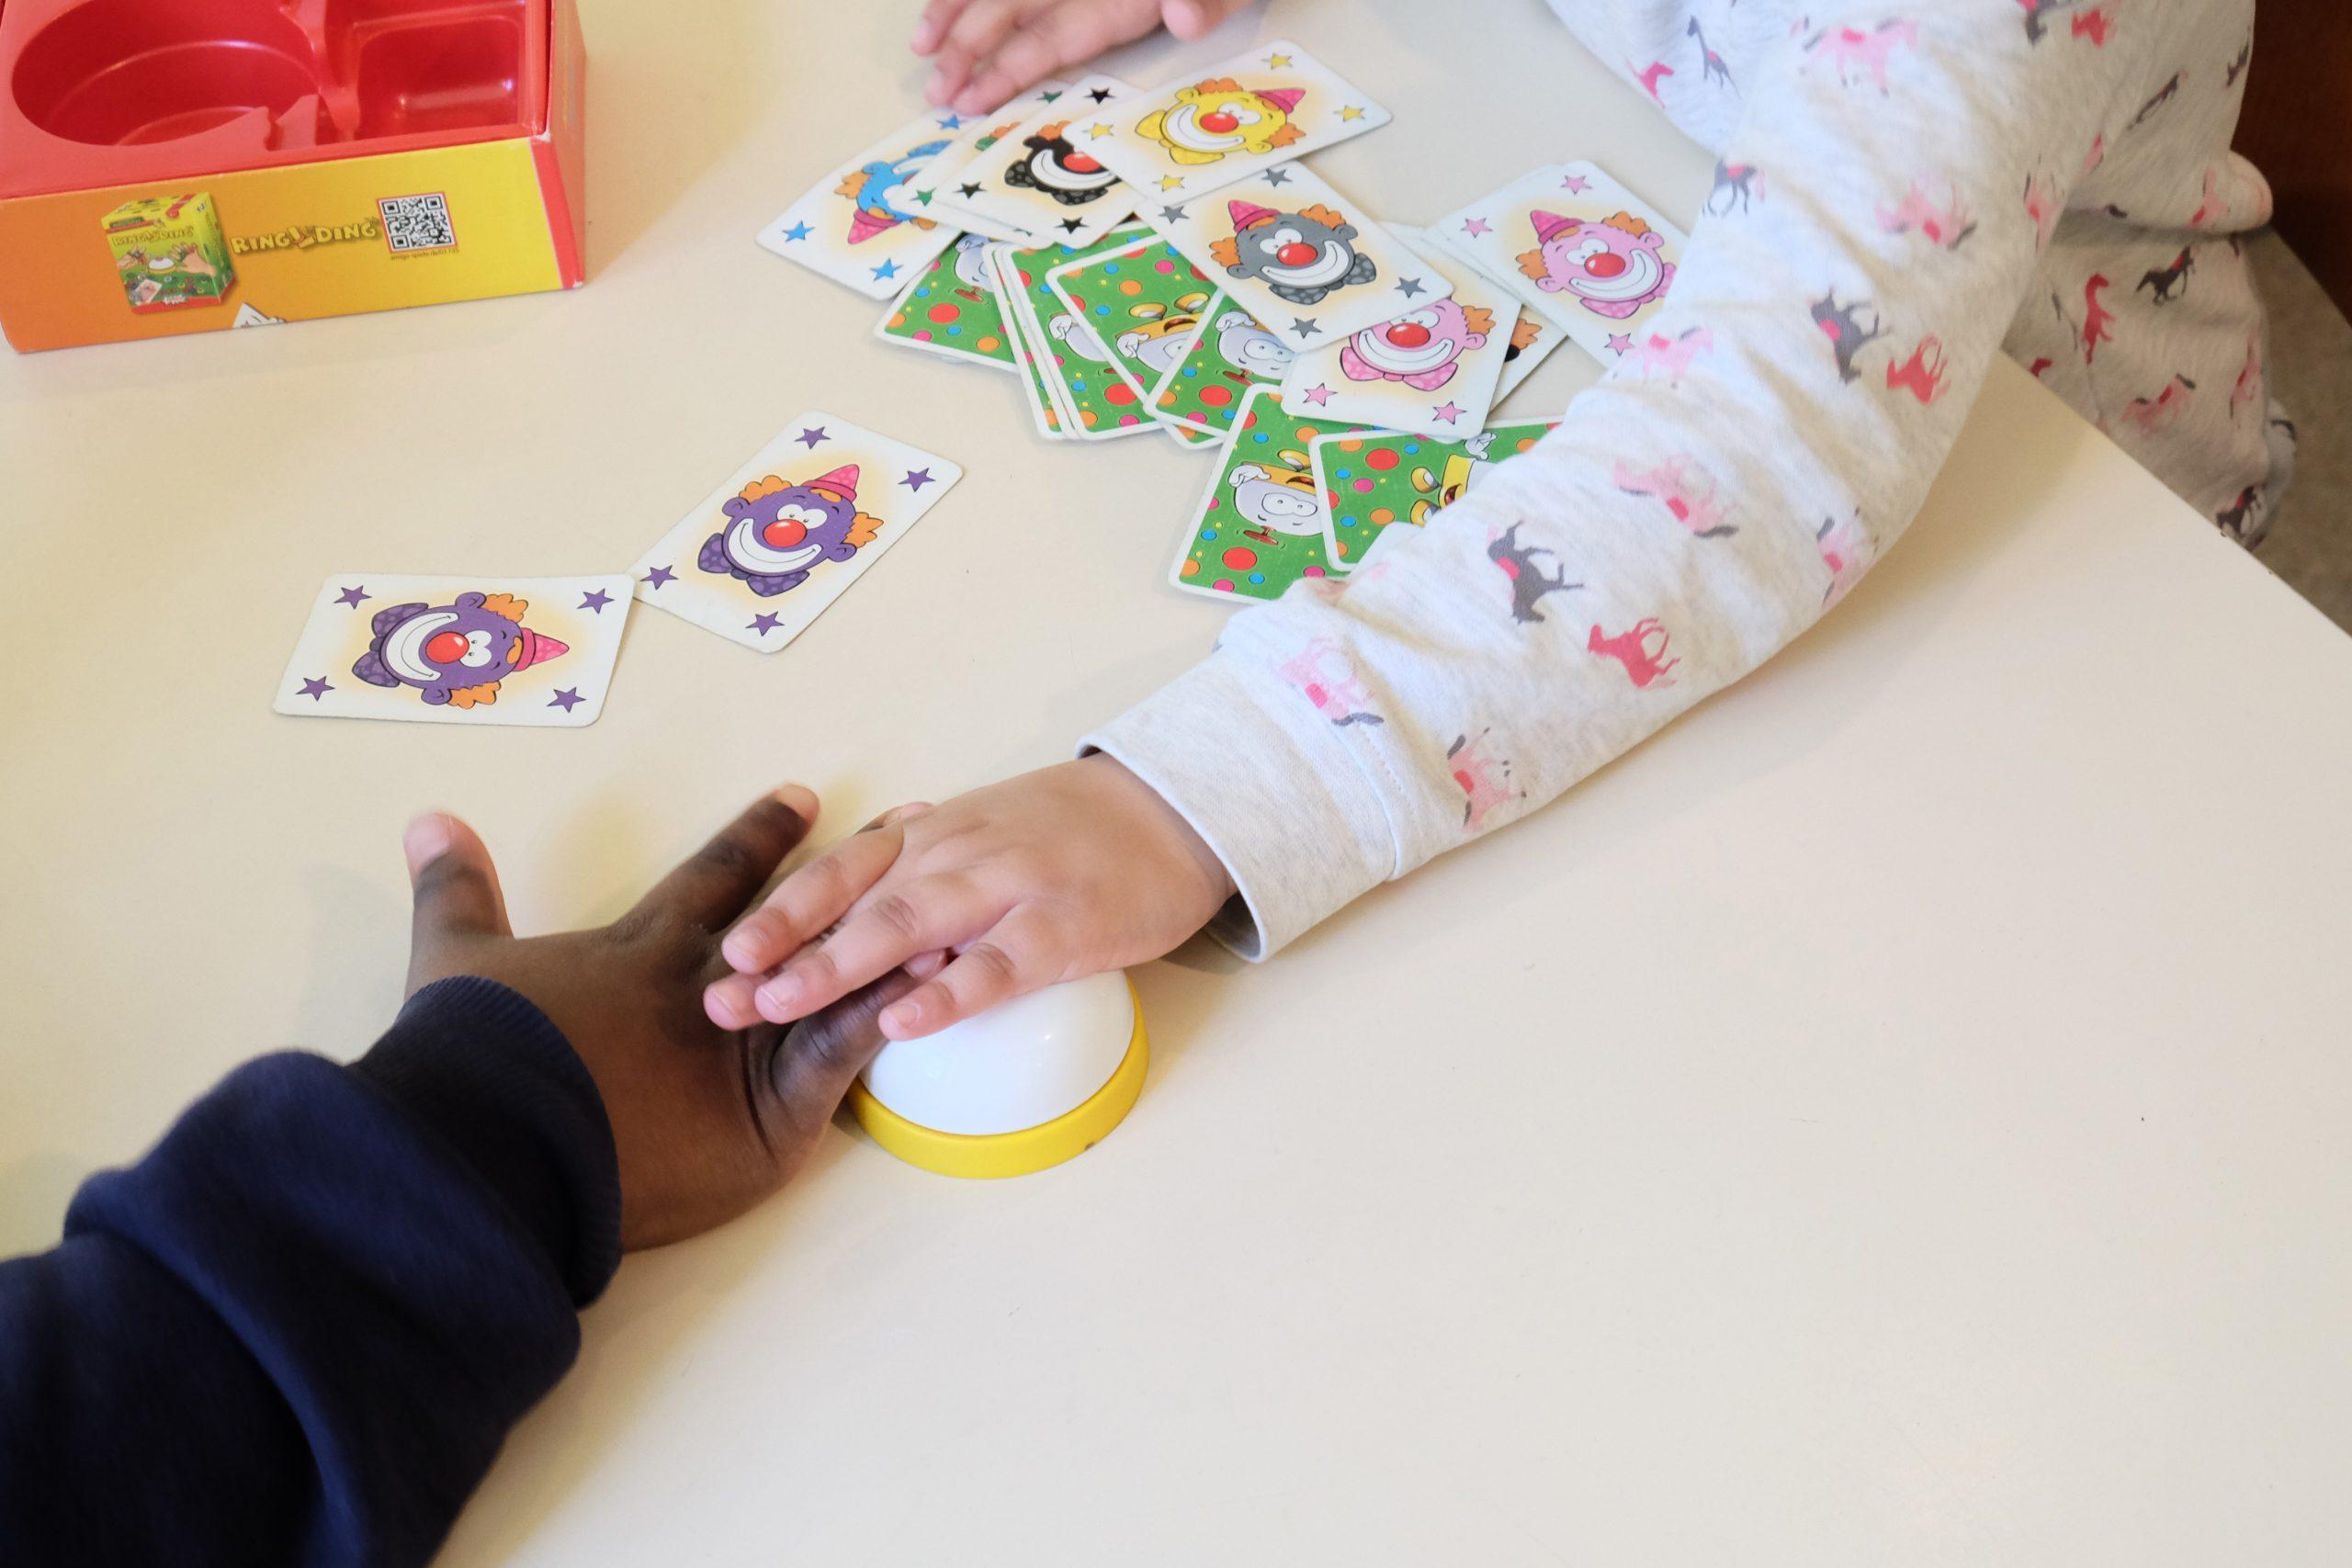 Kinder spielen ein Kartenpiel und schlagen auf eine Tischklingel